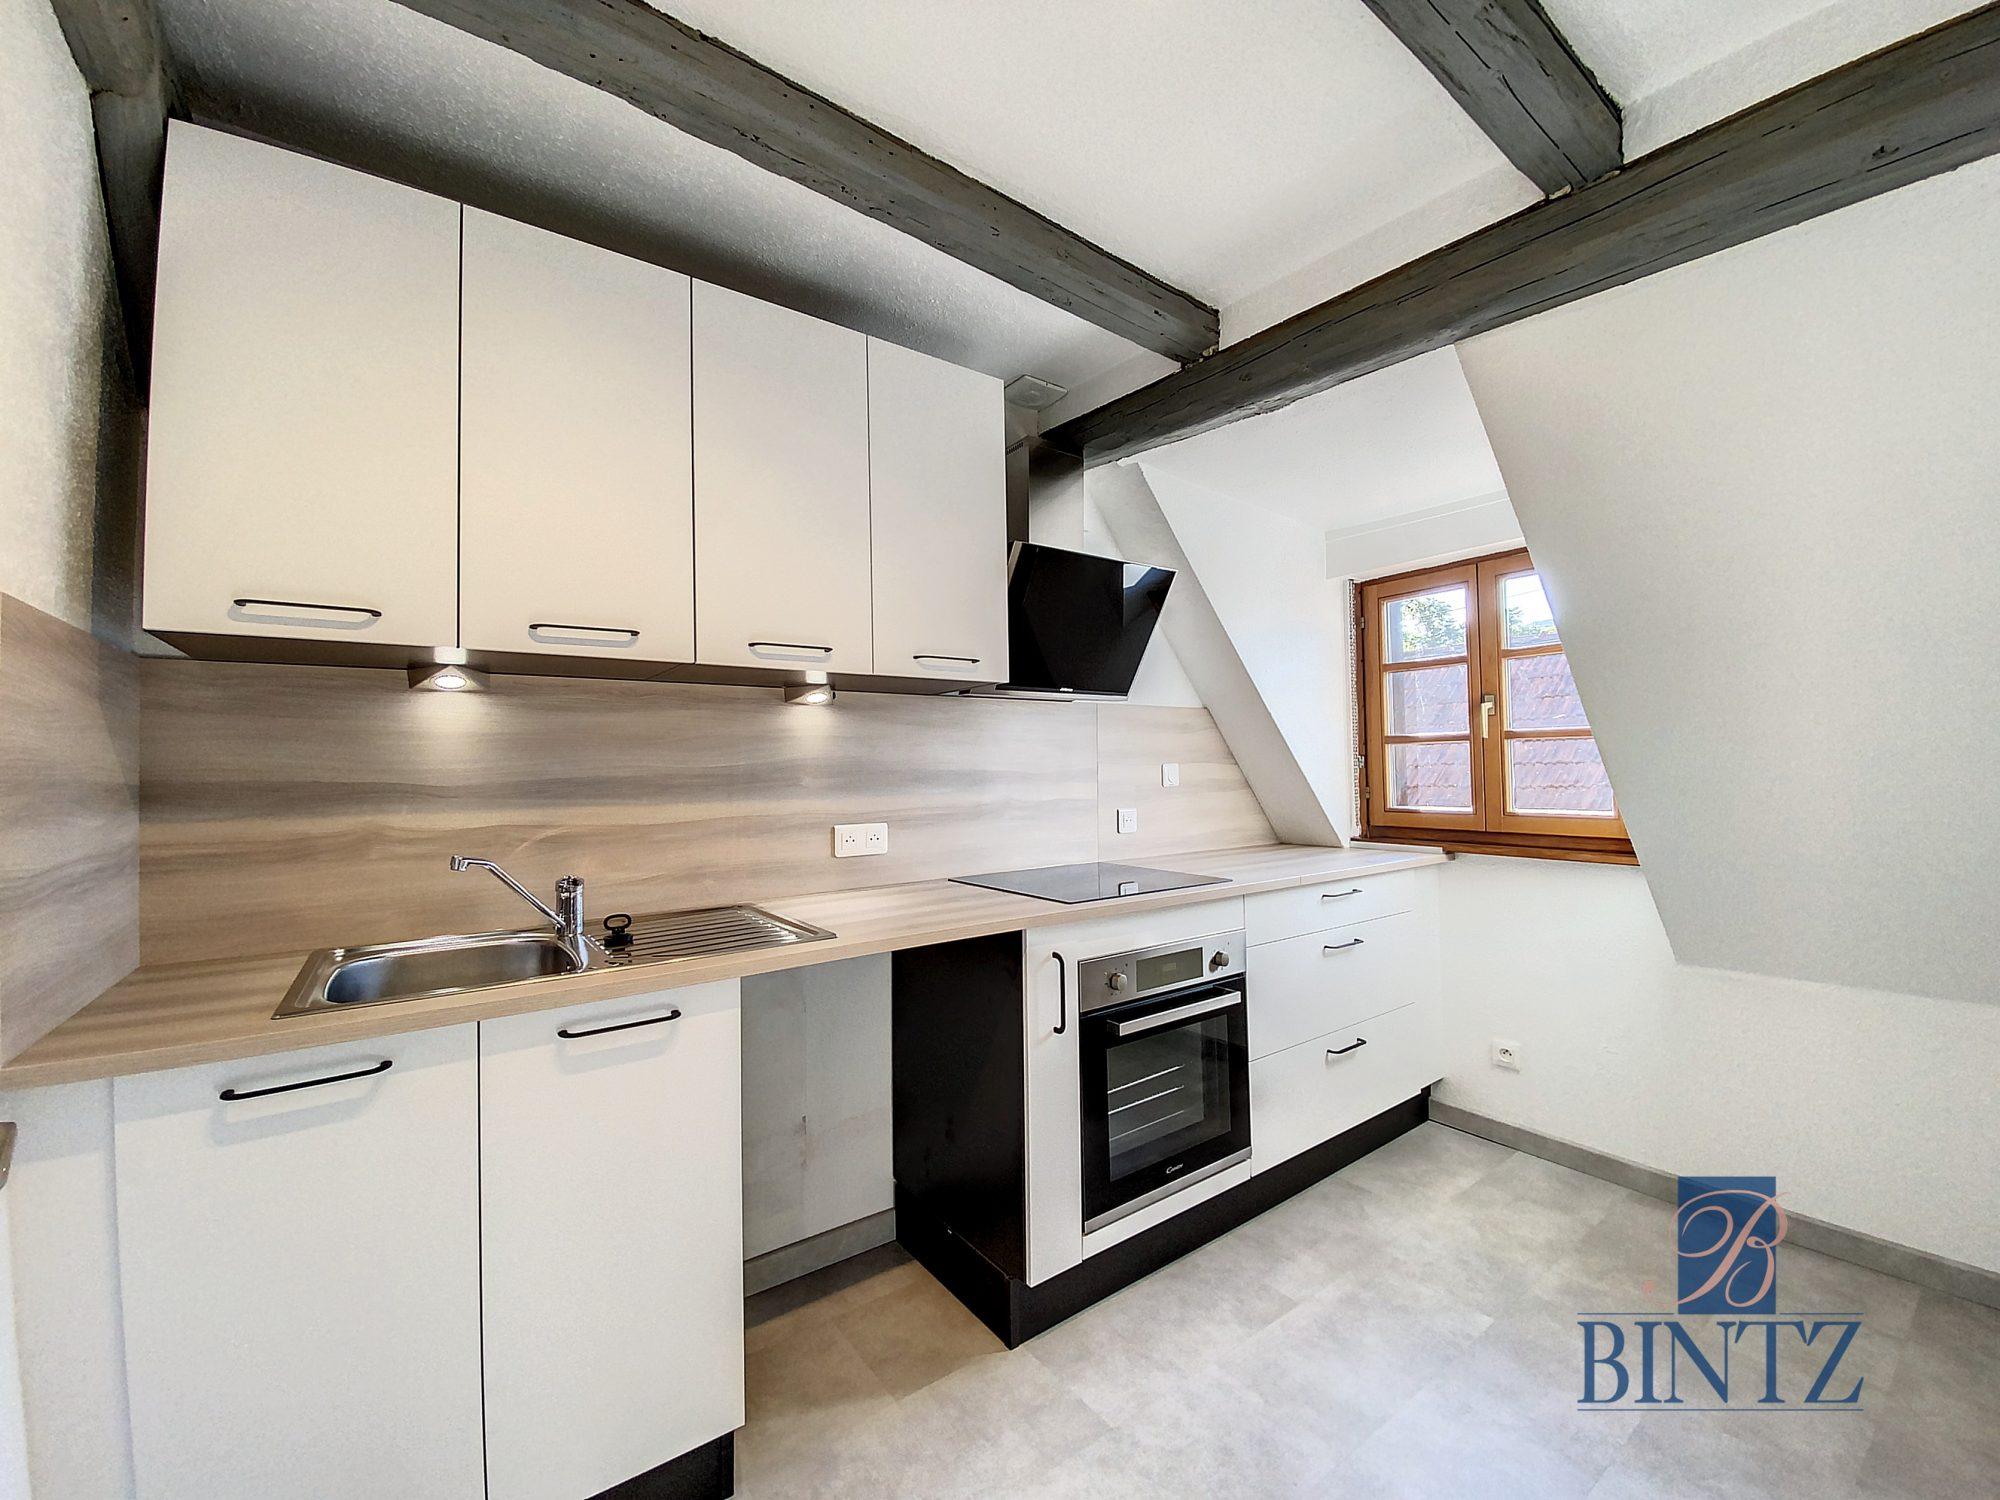 3/4 Pièces Centre-ville ROSHEIM - Devenez locataire en toute sérénité - Bintz Immobilier - 1